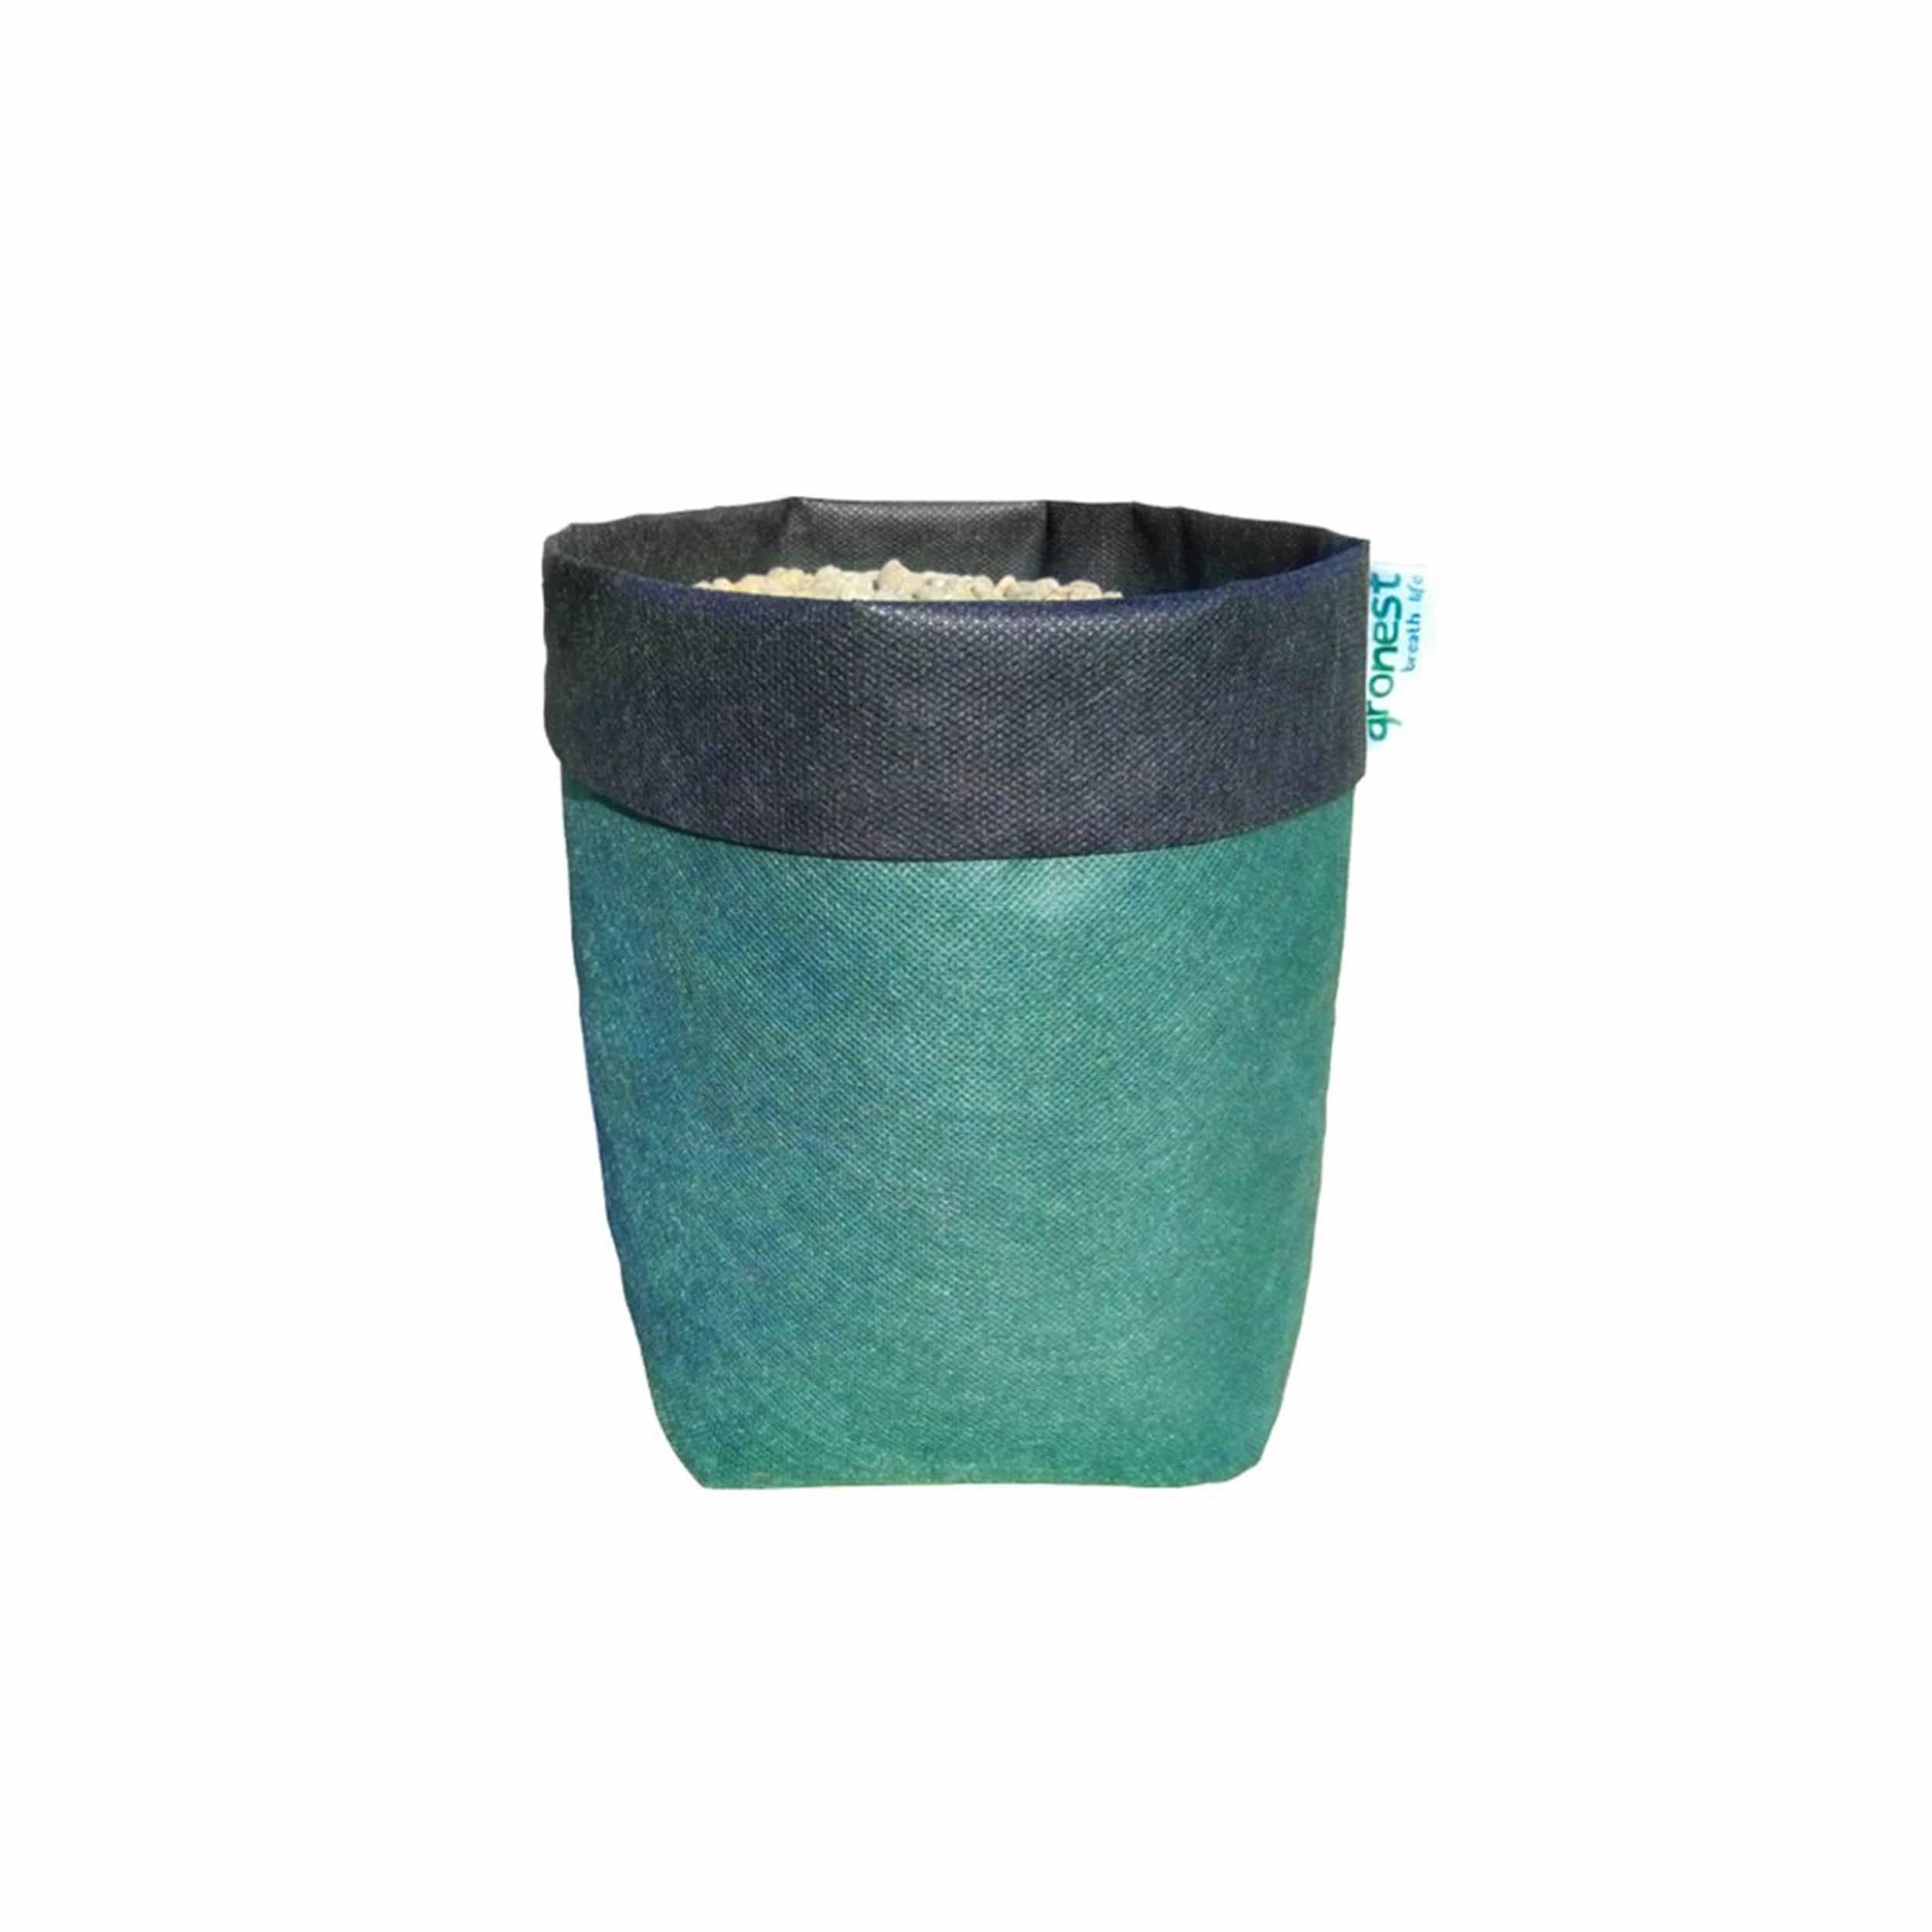 Textil-Blumentopf 5 Liter  grün